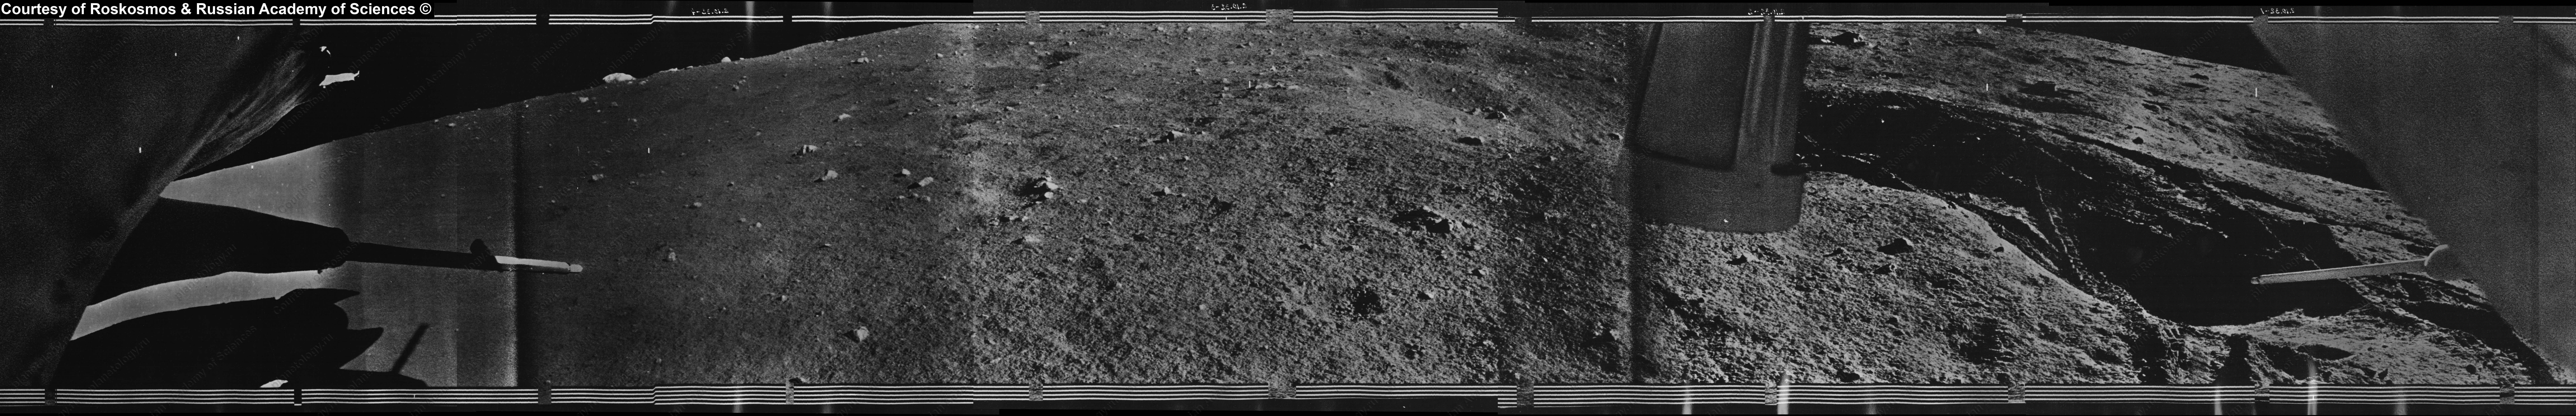 Lunokhod 1 Panoramas